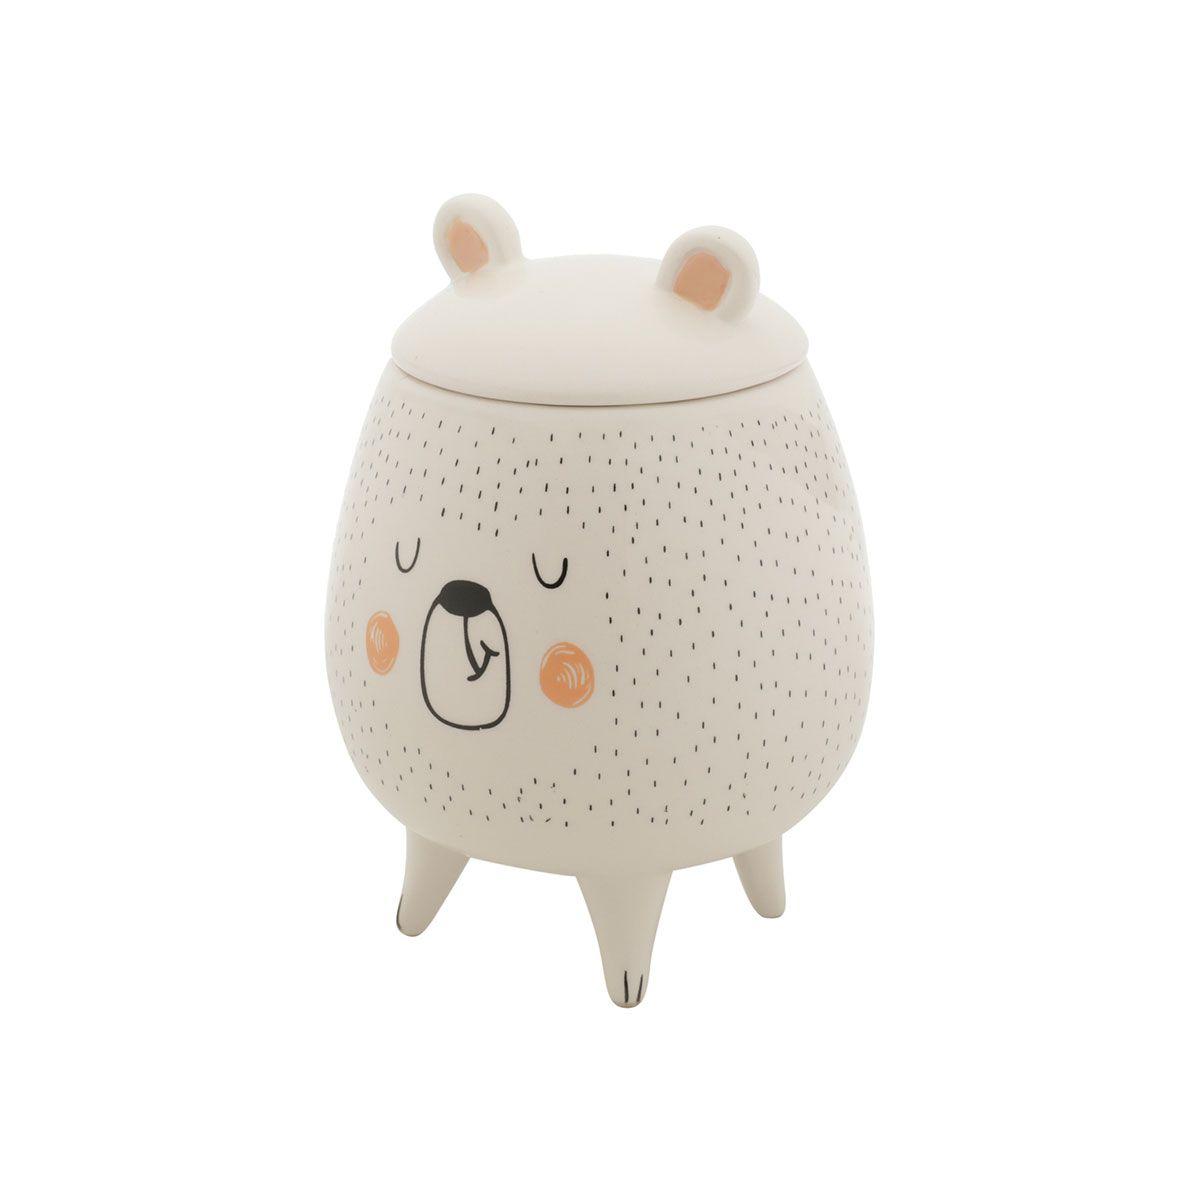 Vaso Potiche Decorativo Cerâmica Urso Sleeping Bear